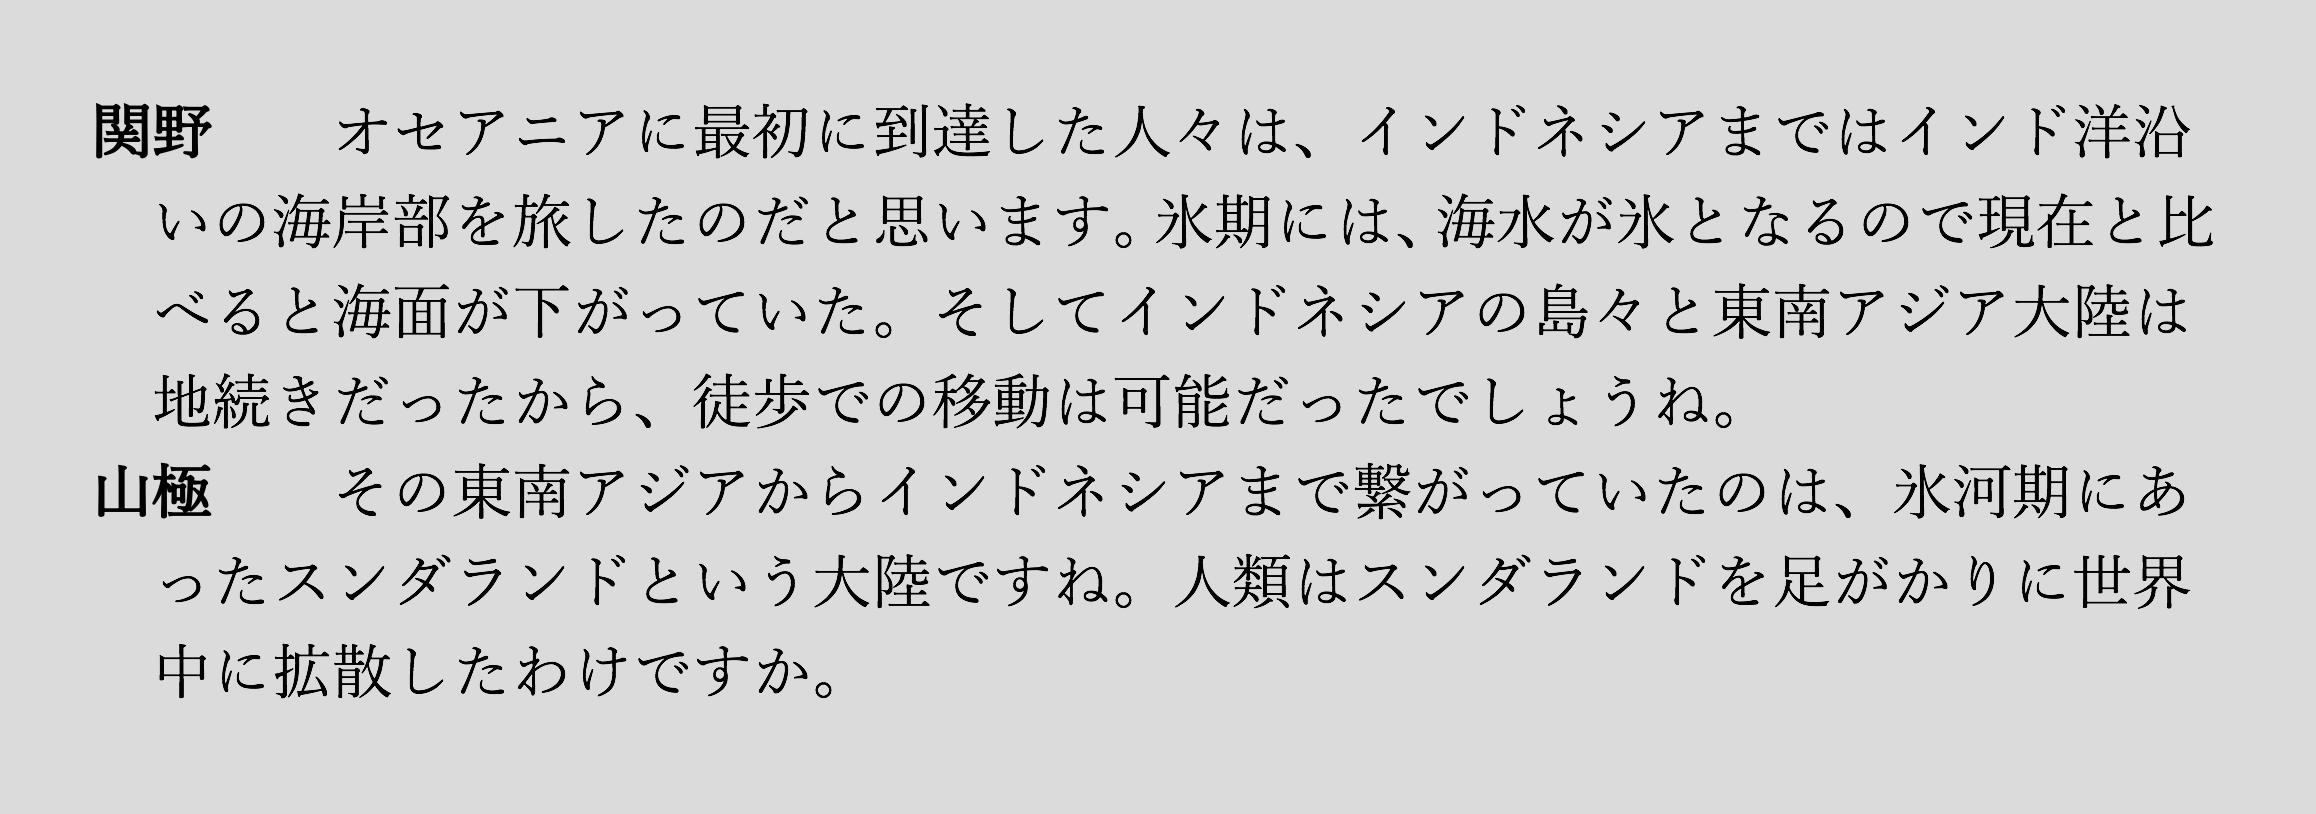 消す word スペース 四角